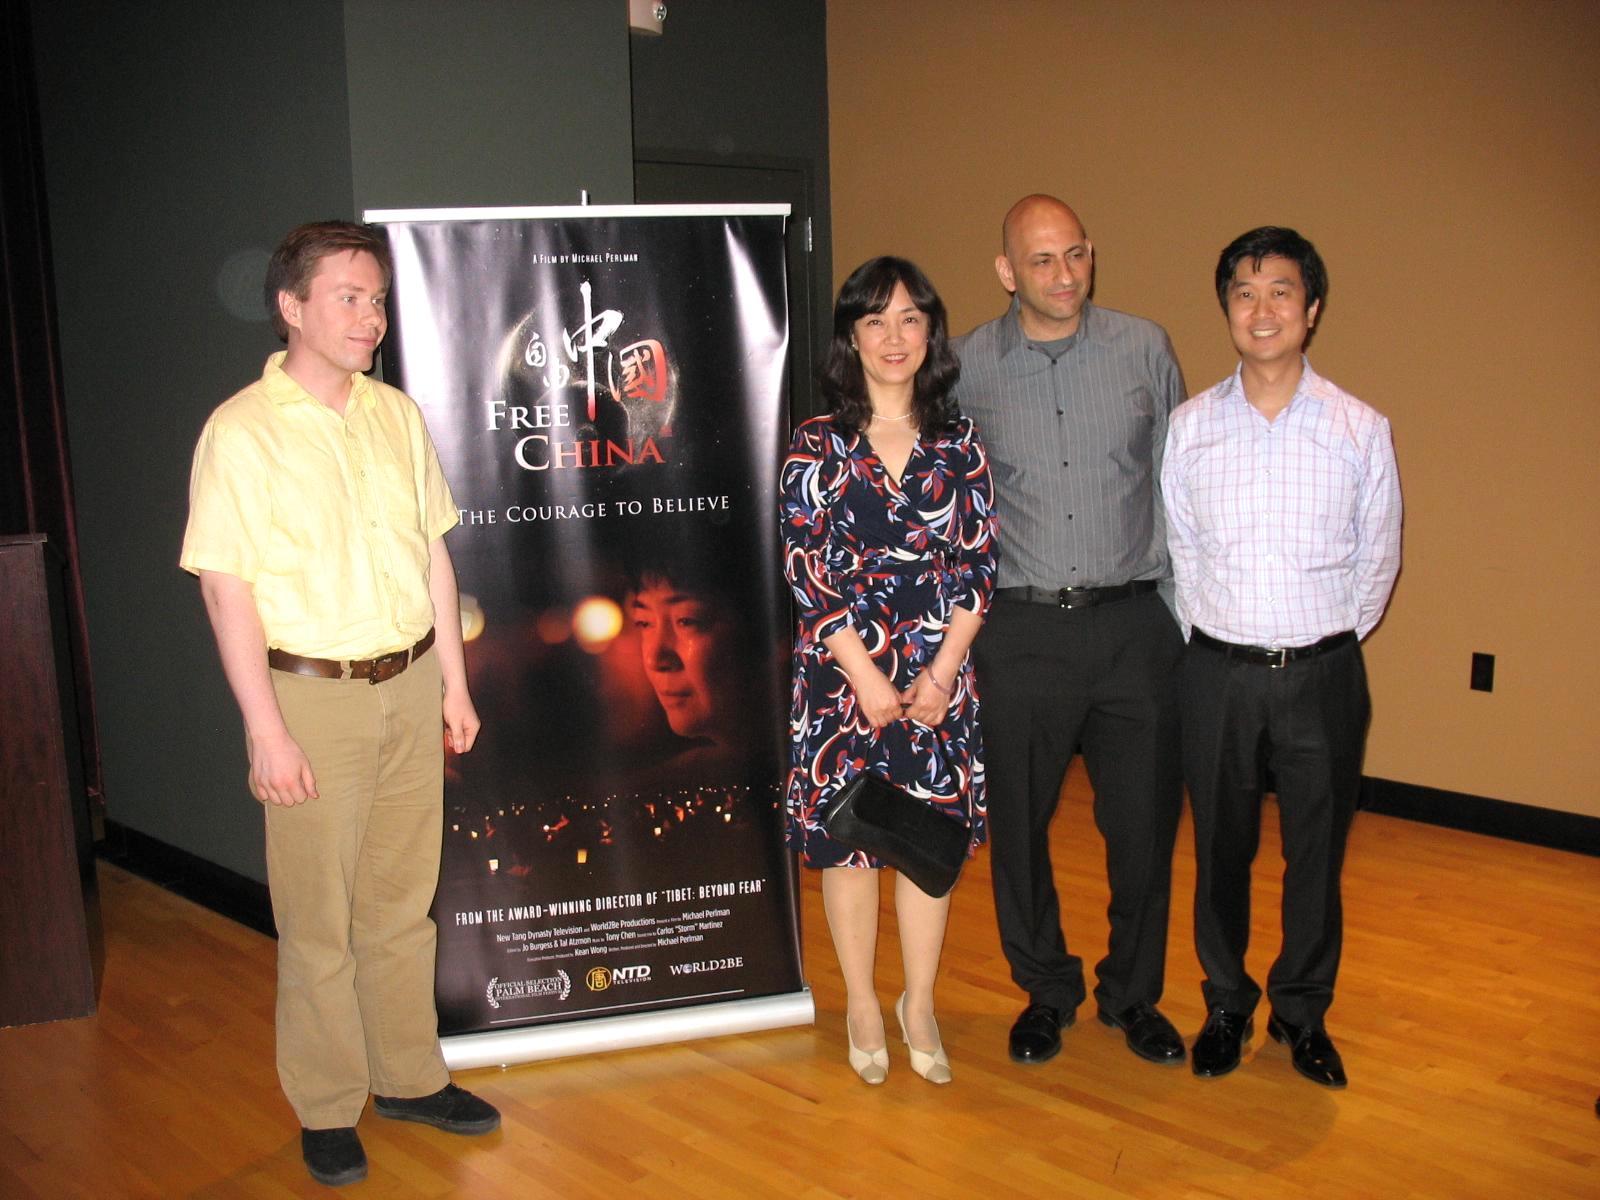 左起:《自由中國》剪輯Jo,片中主人公之一曾錚、導演Michael Perlman、製片人Kean Wong 2012年4月14日攝於棕櫚灘國際電影節(攝影:艾莉/大紀元)